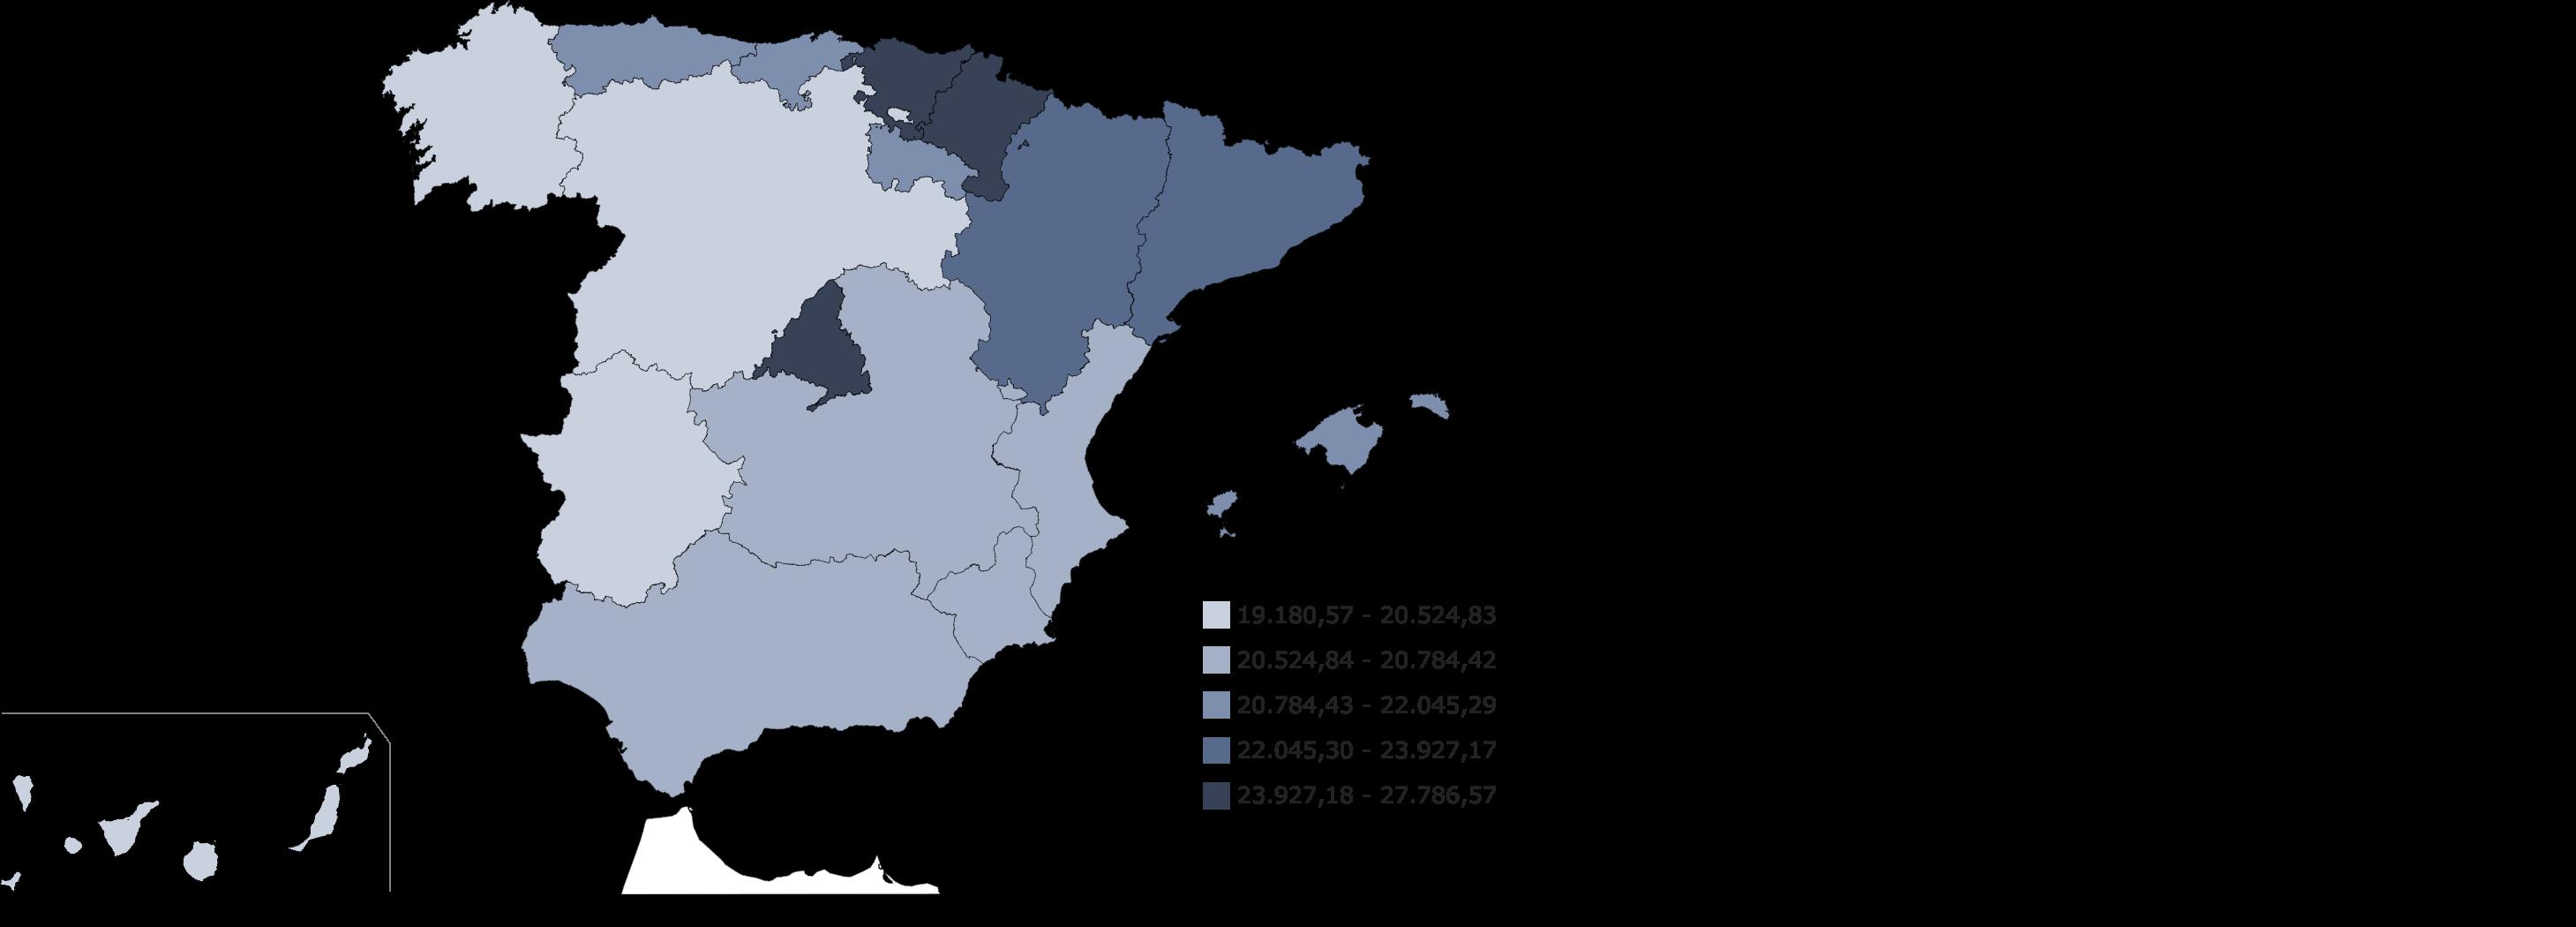 mapa salario medio